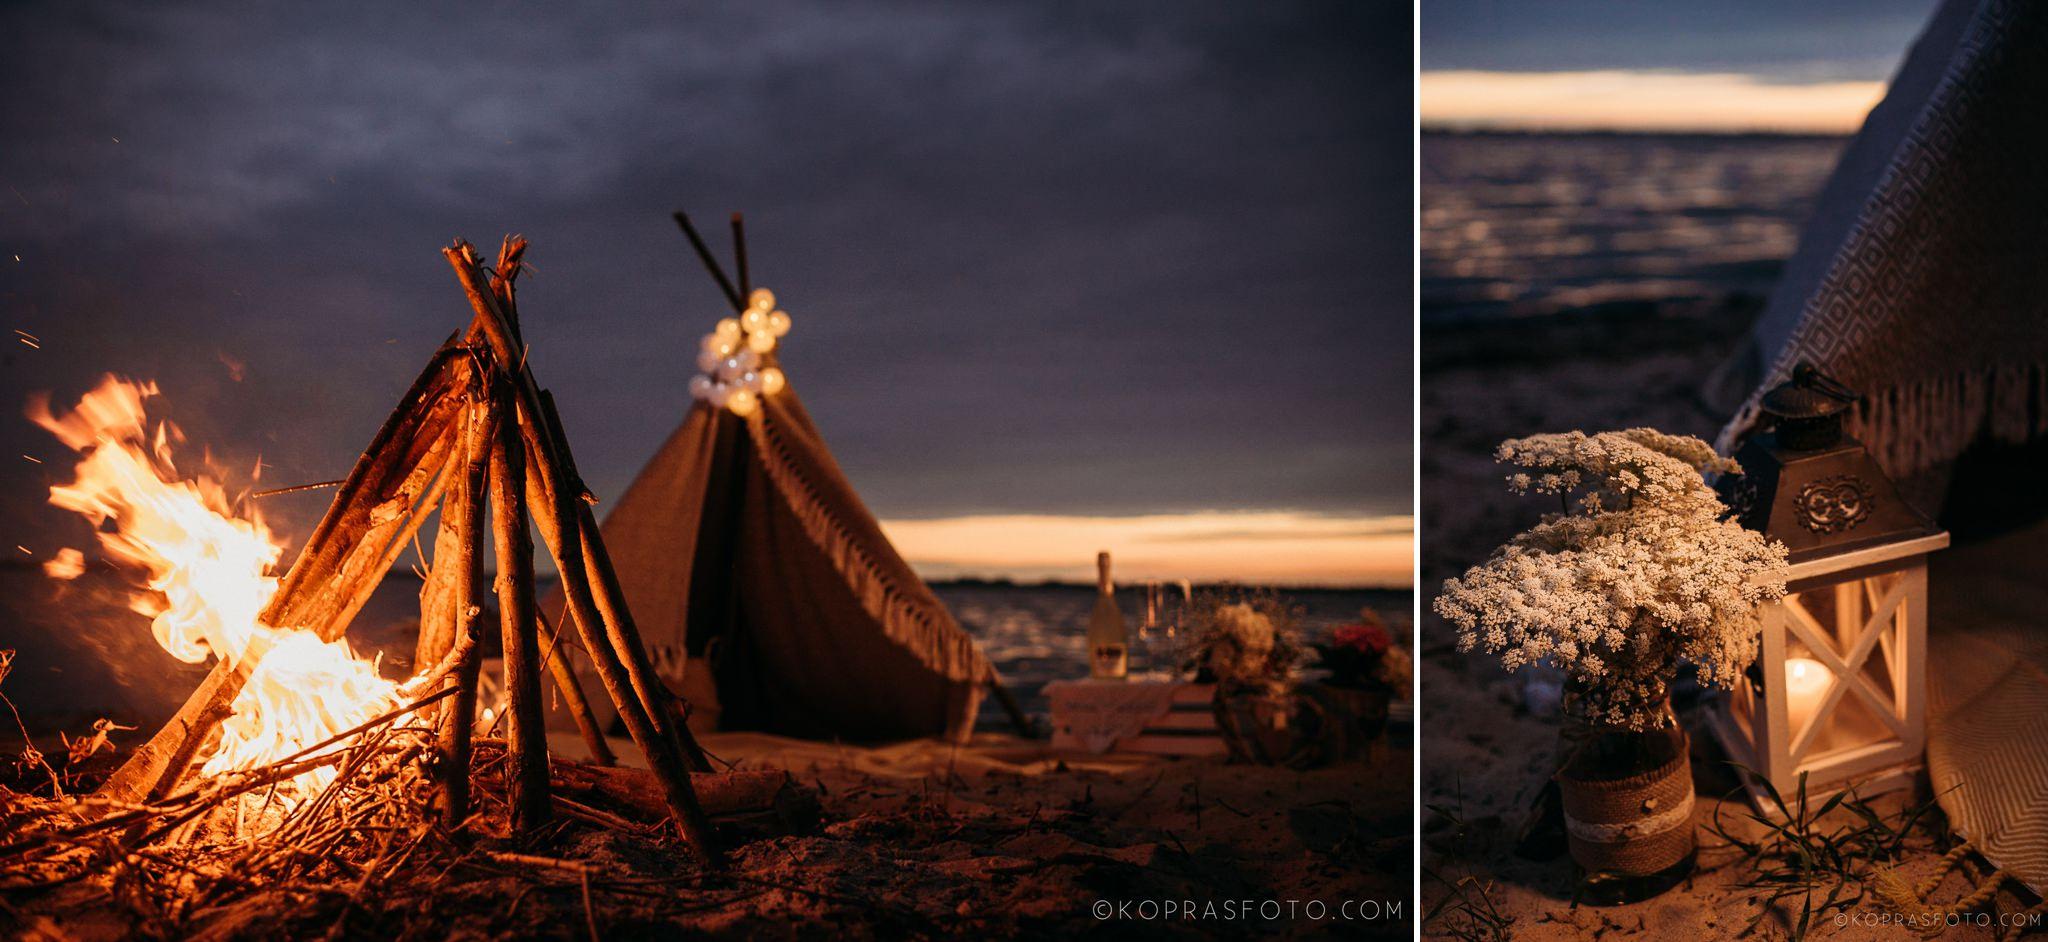 romantyczna sesja narzeczeńska, piękne zdjęcia, kreatywna fotografia, zbiornik jeziorsko,najlepszy fotograf śłubn Ostrów Wielkopolski,